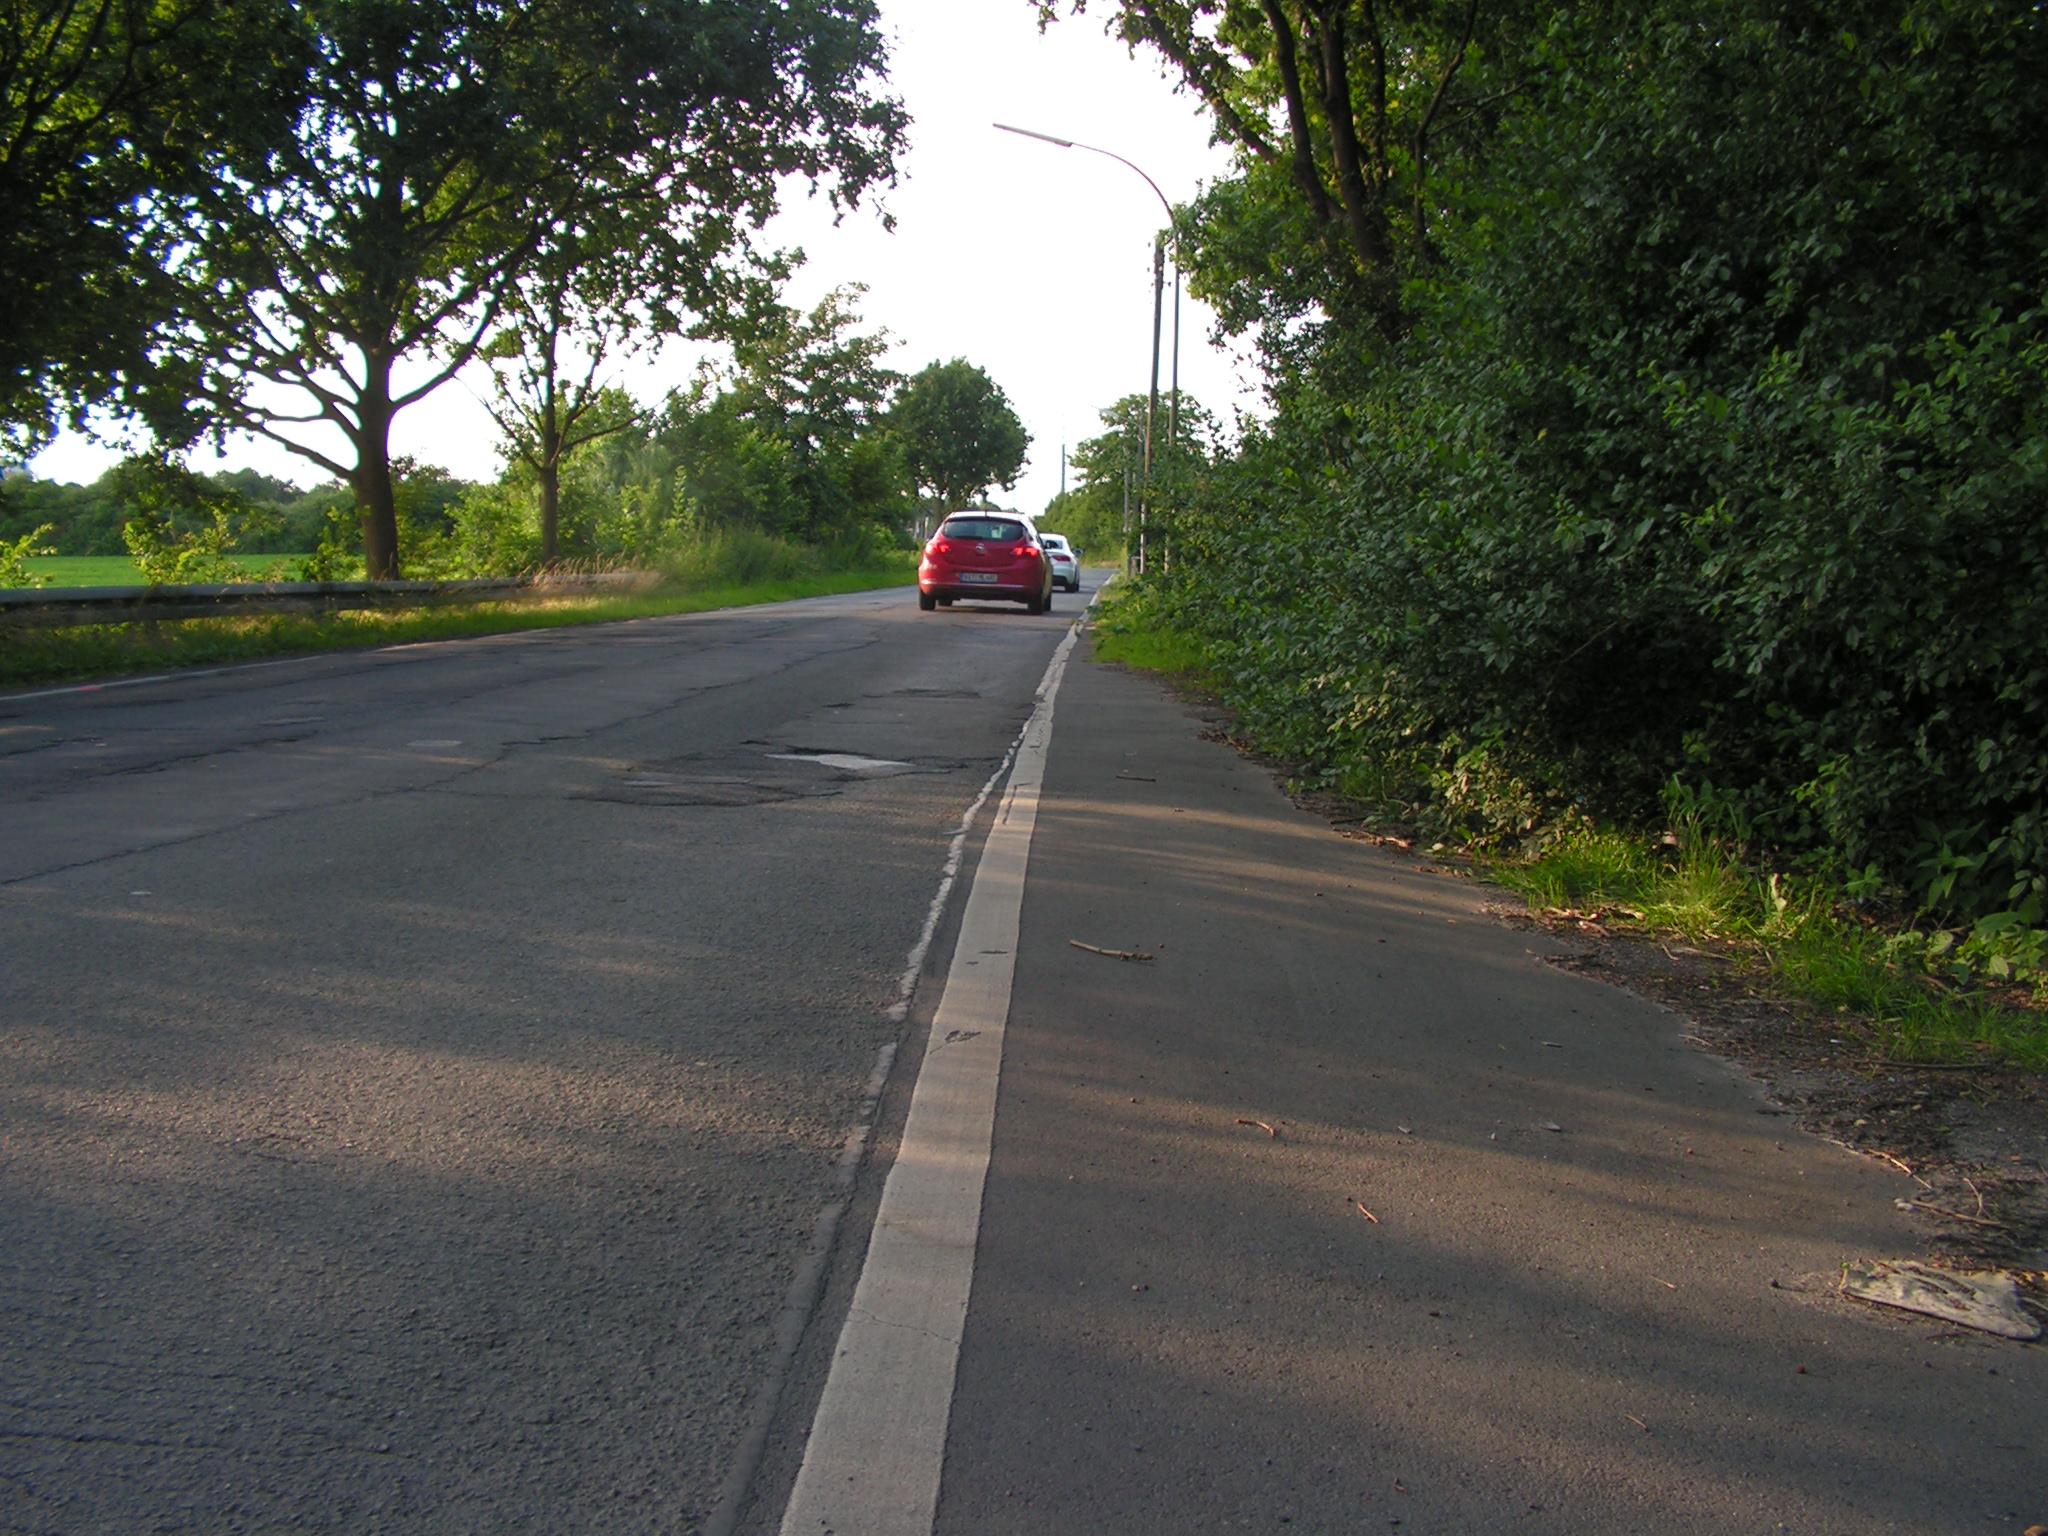 Schlaglochpiste ohne Geh- oder Radwege. (Foto: Peter Maier)